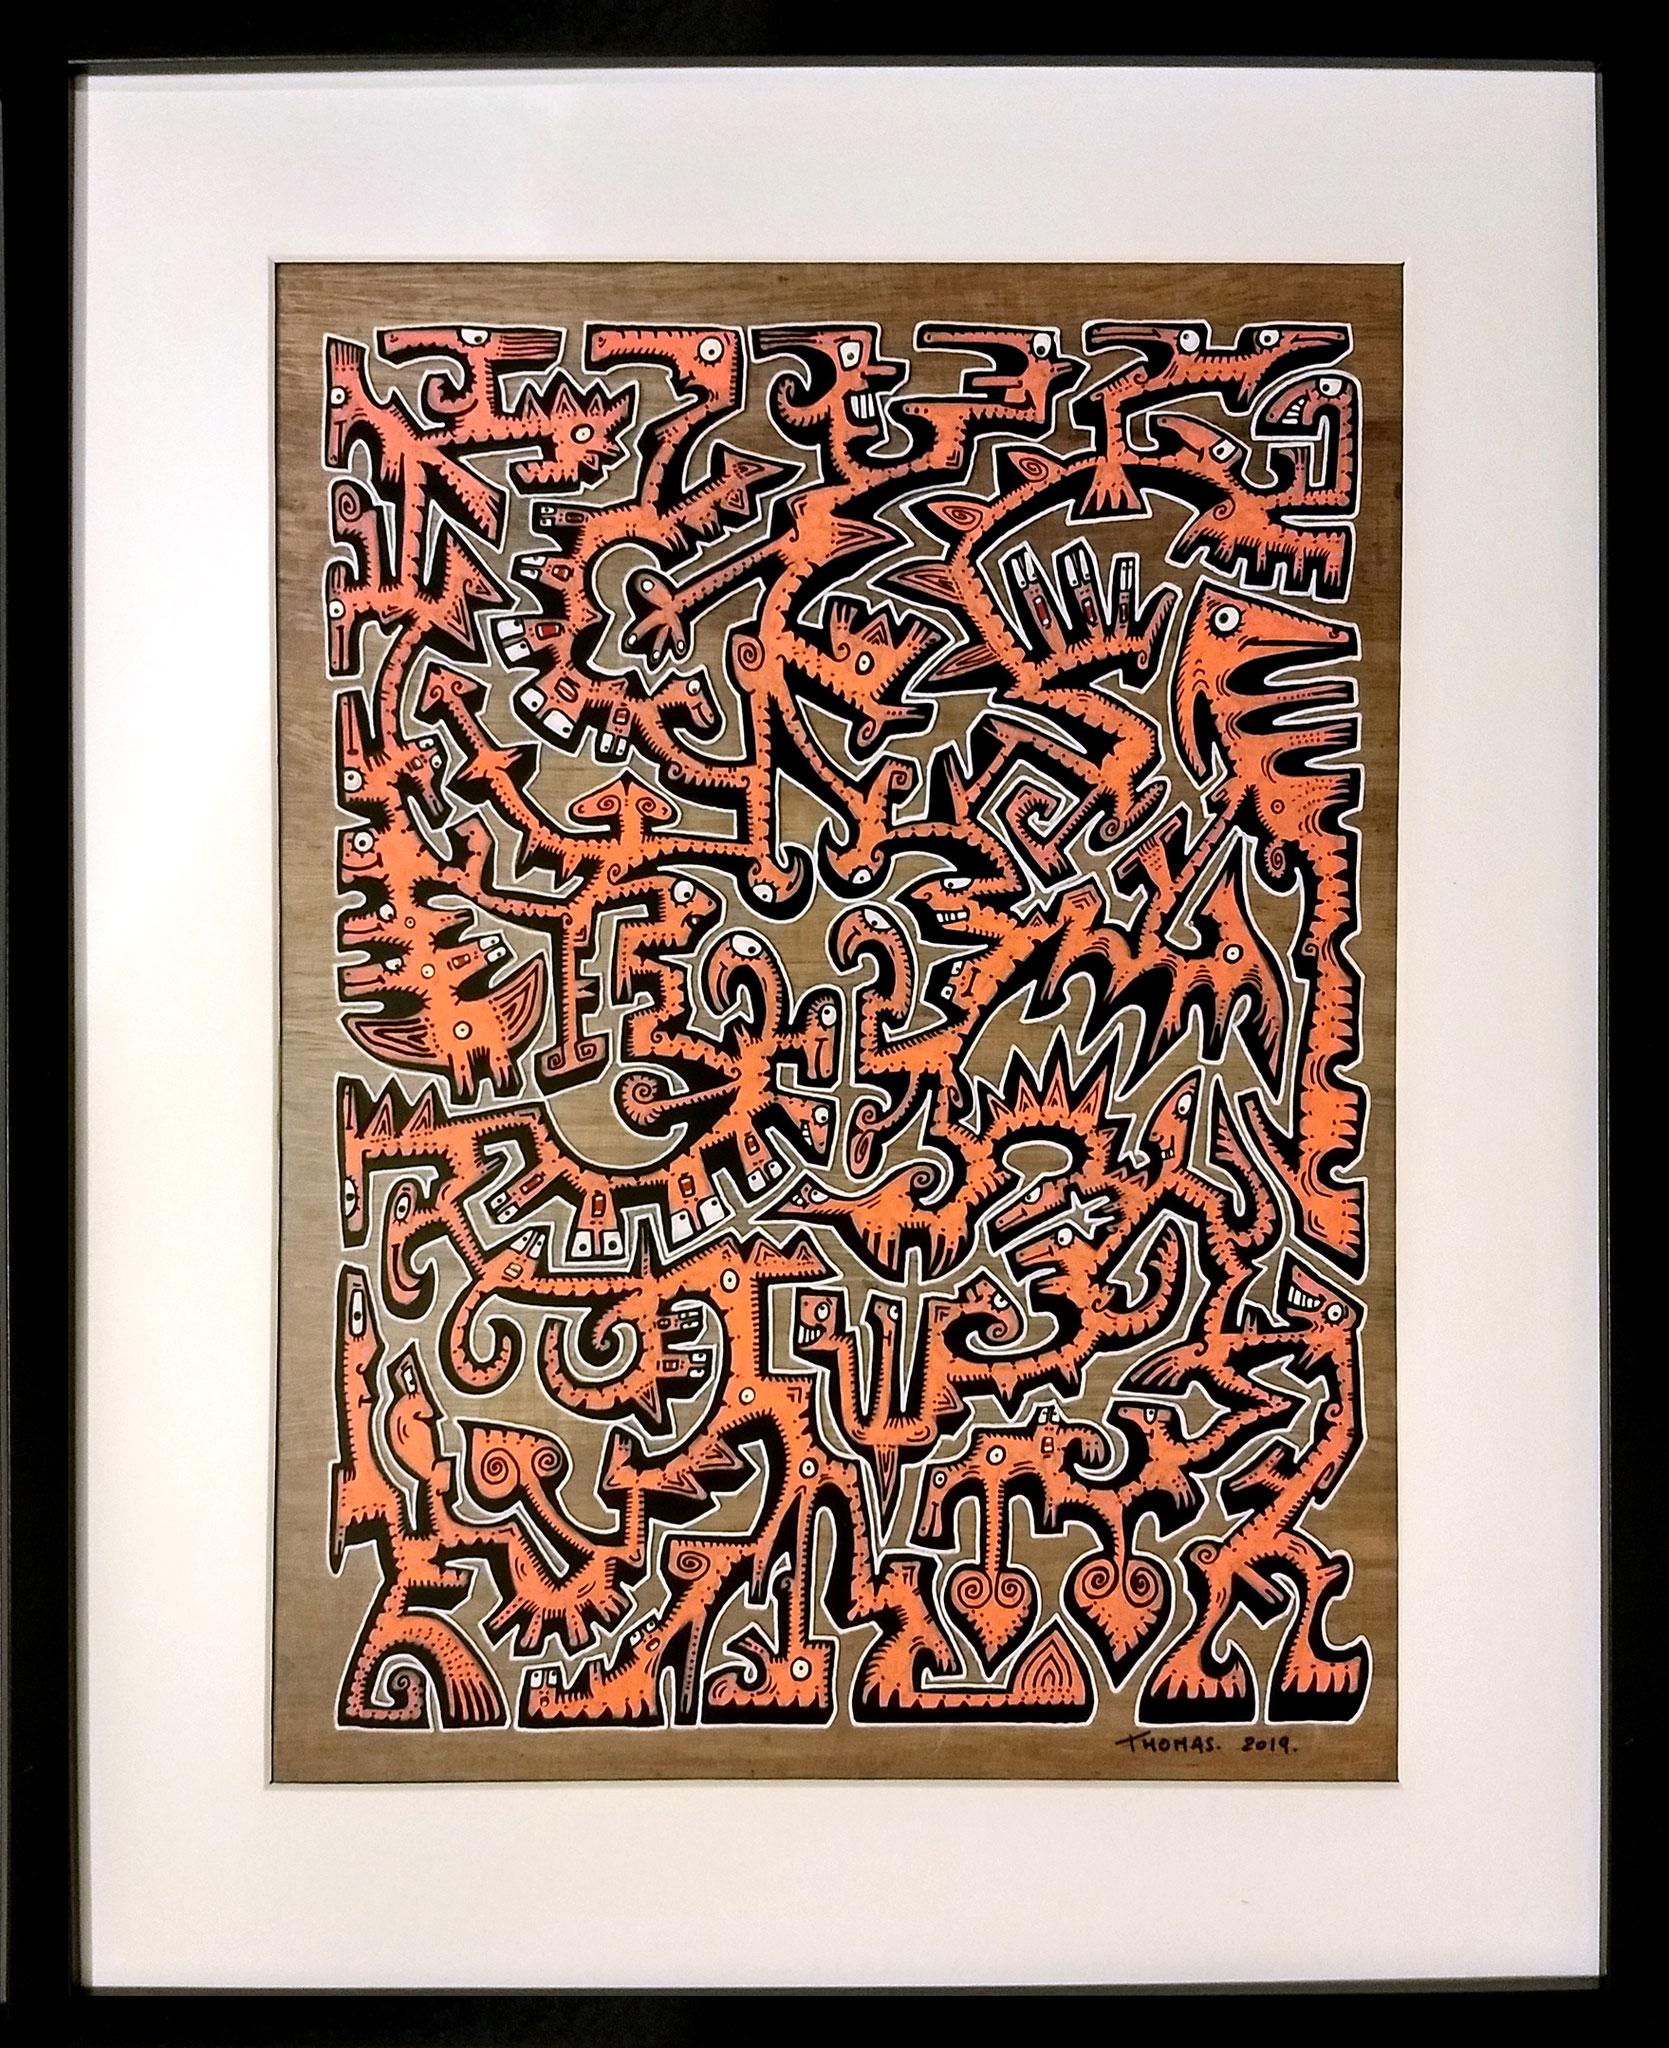 Titre : MT2/ feutres acrylique sur translucide/ fond papyrus antique/format avec cadre : 52.5/42 cm/ prix : 90 euros